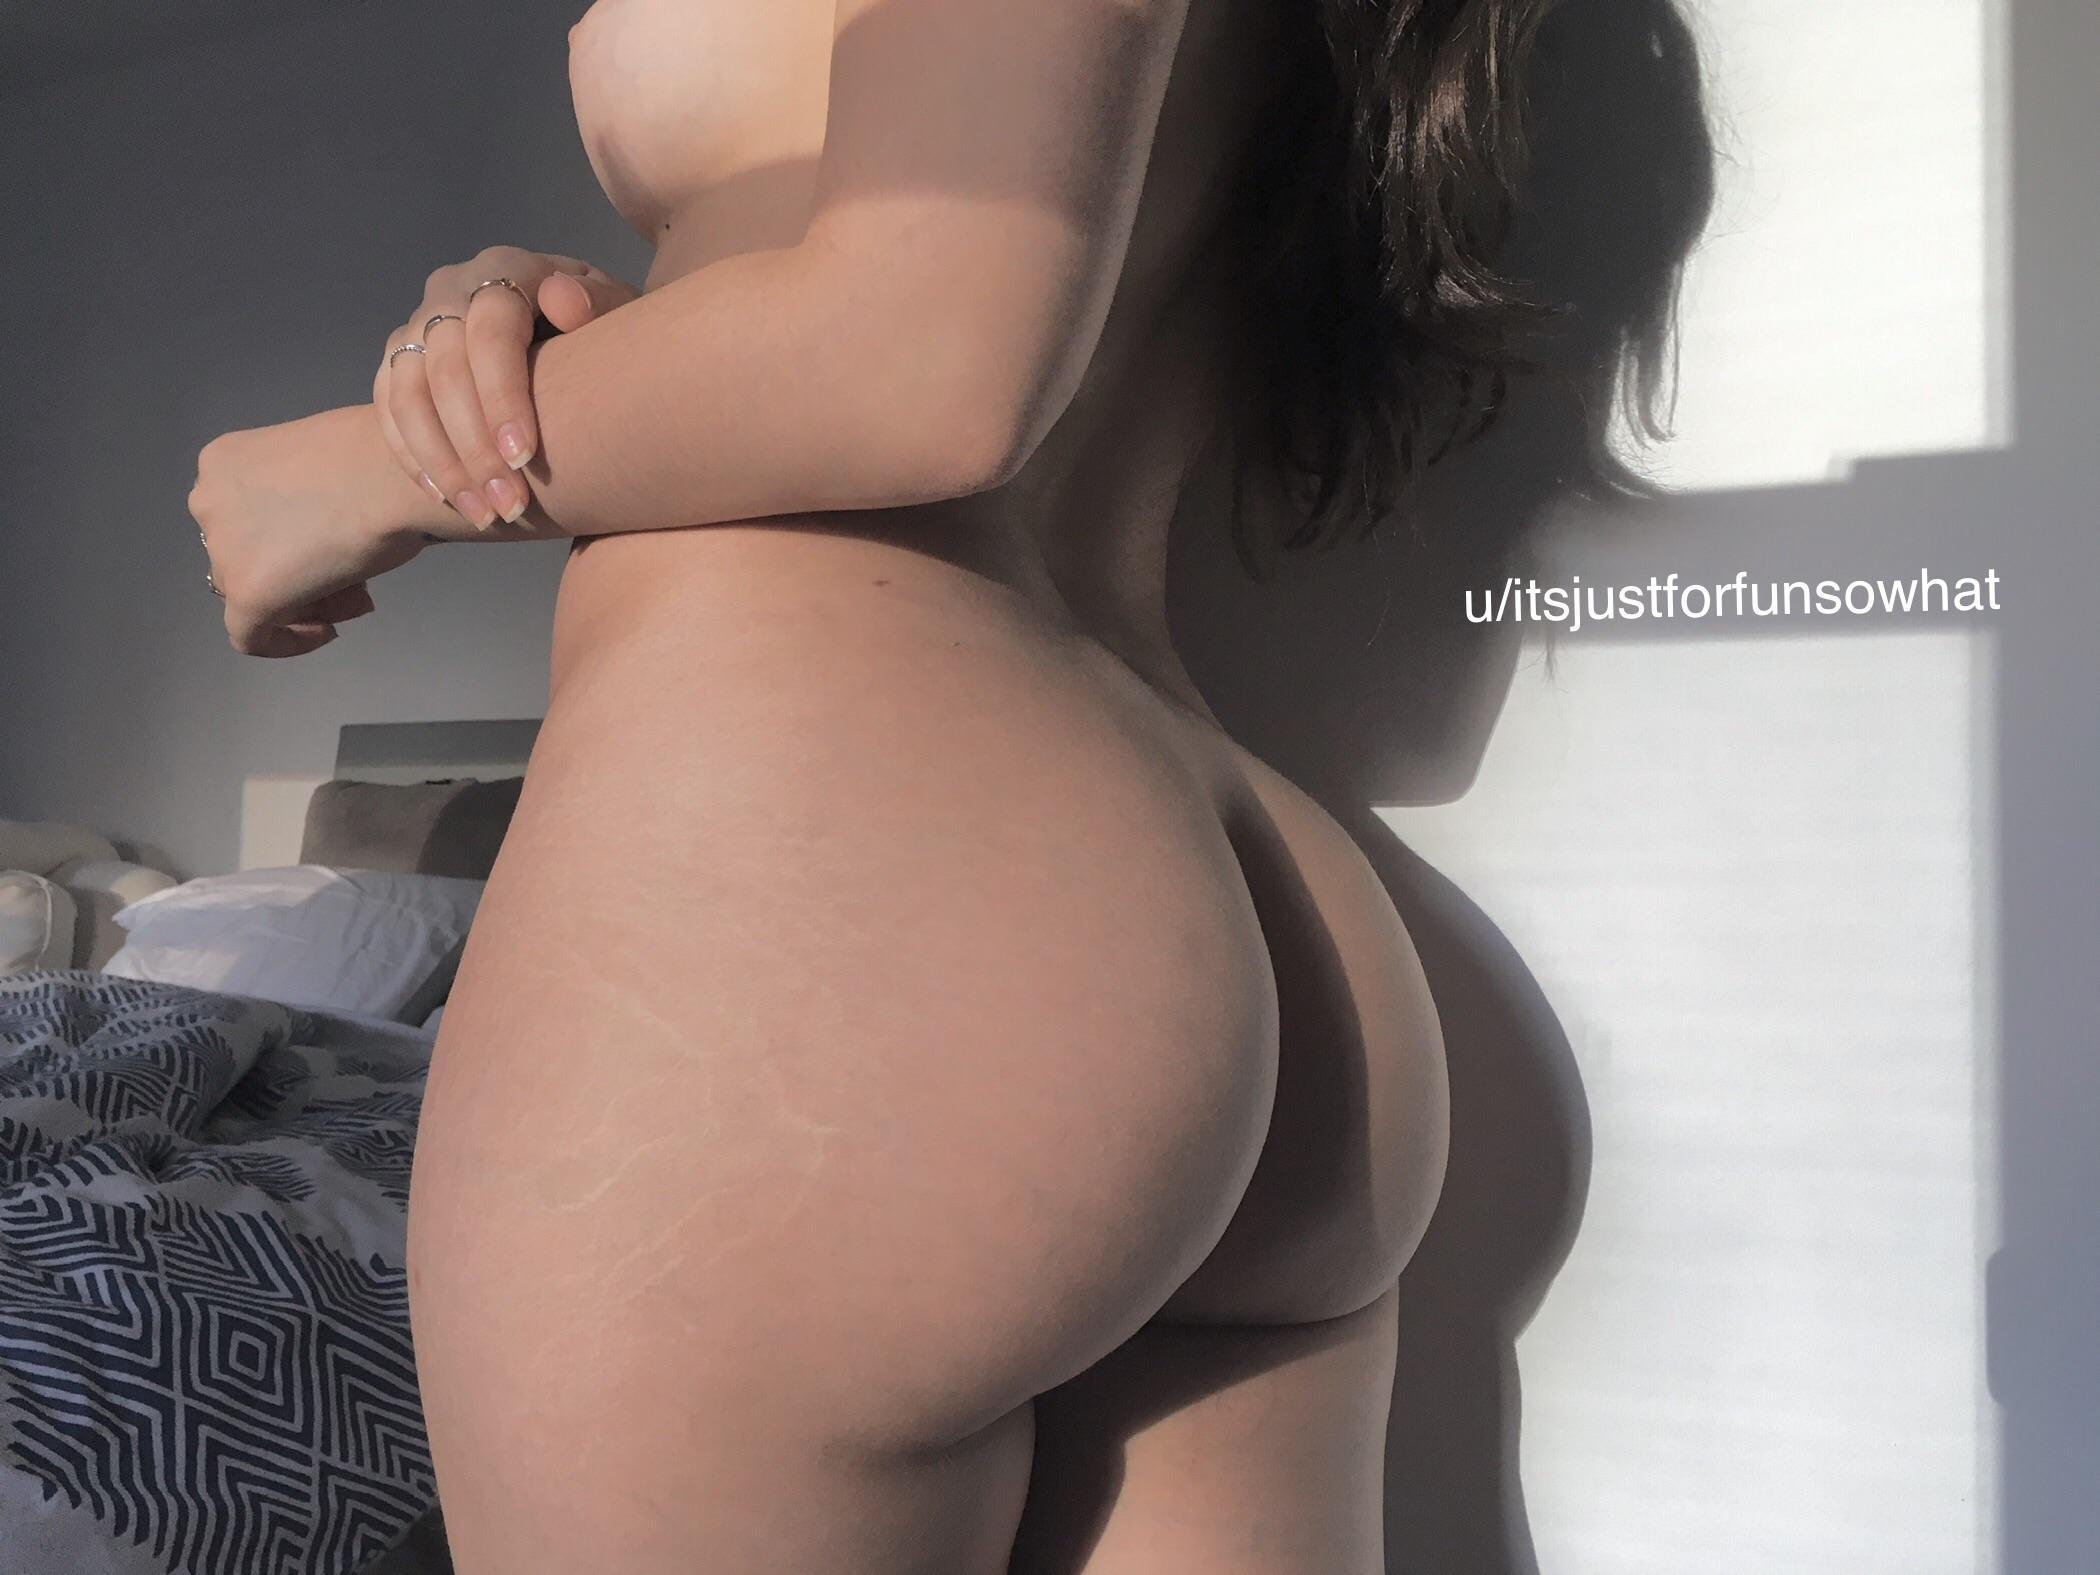 Fotos Porno Com Novinha Gostosa (13)